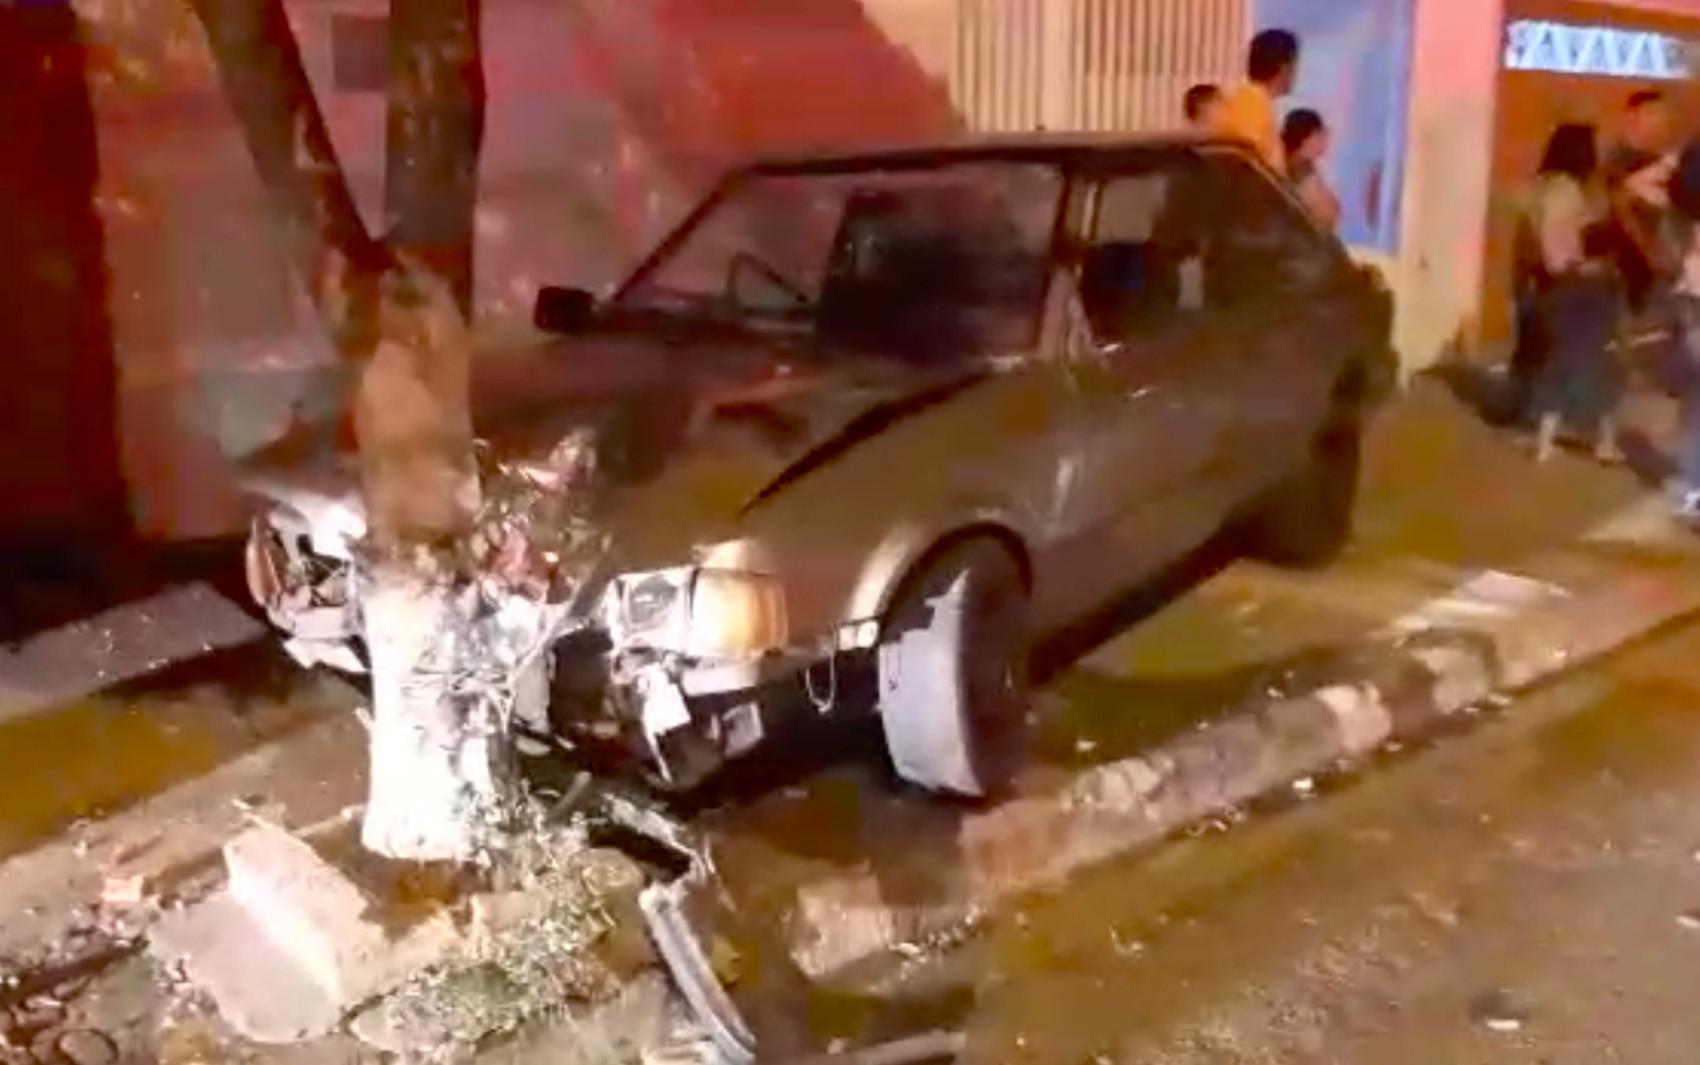 Vídeo mostra família atropelada na calçada após rezar terço em Serrana, SP